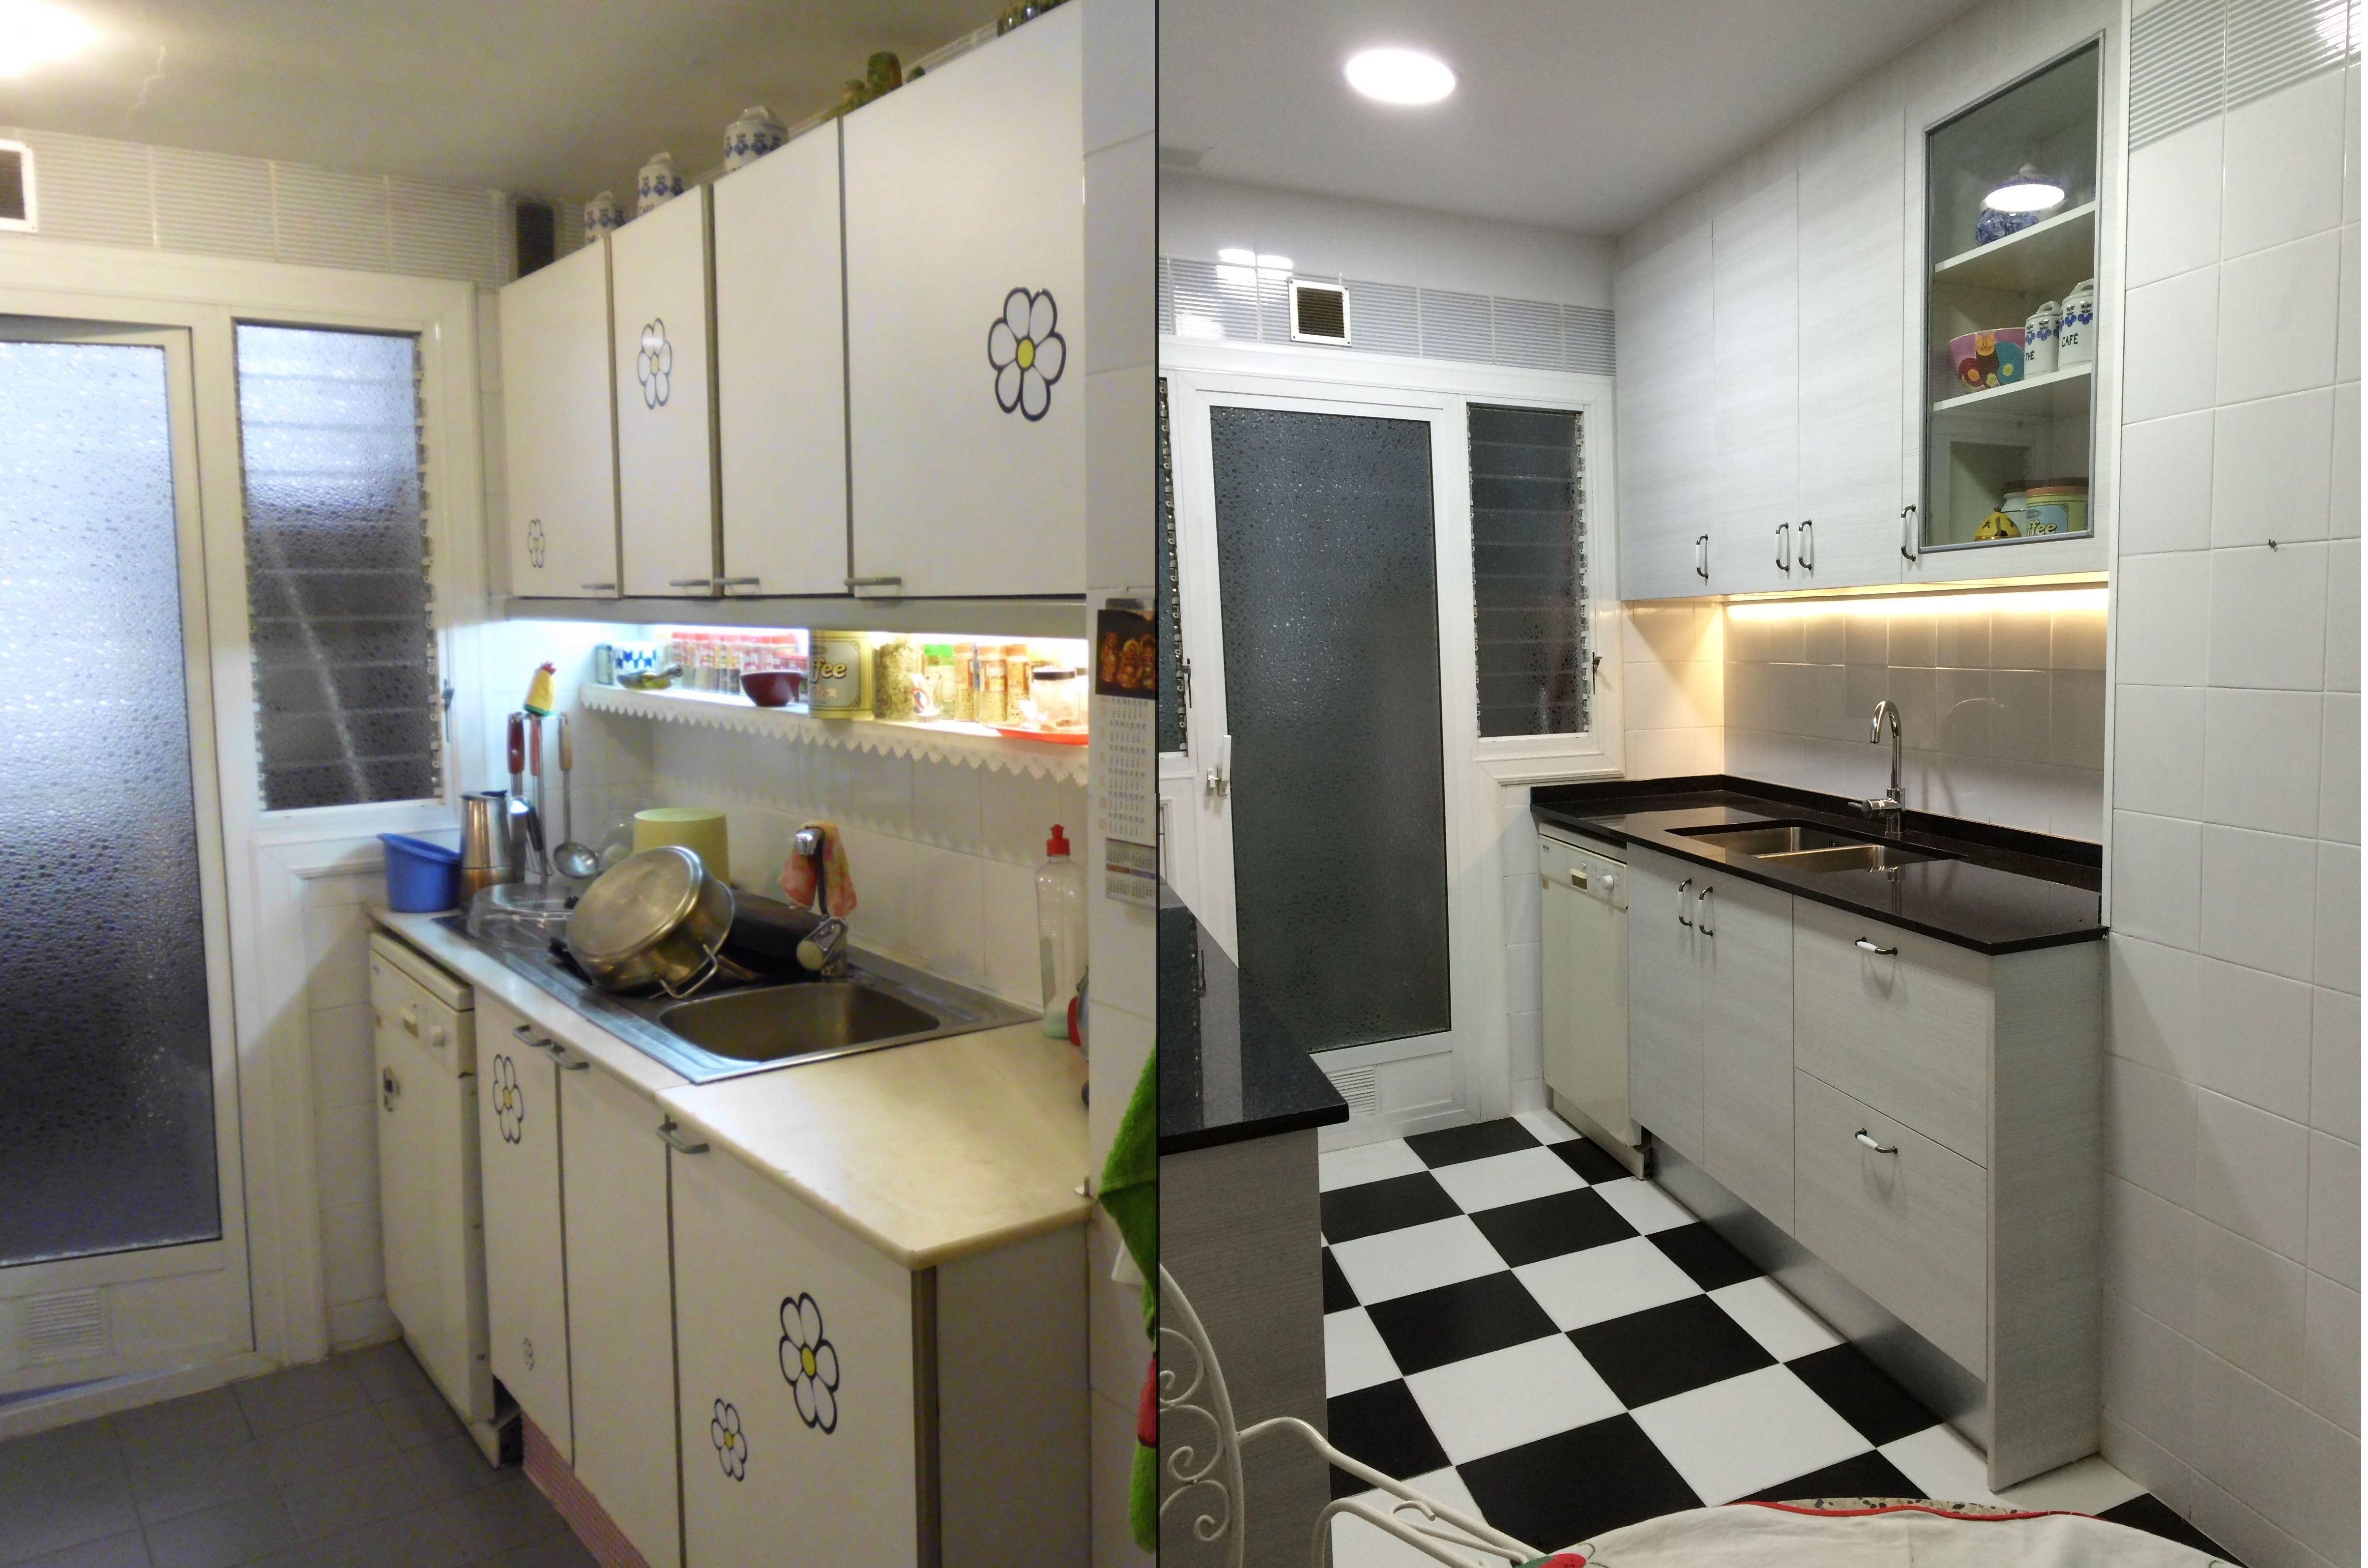 Ltima reforma de cocina - Pintar muebles de cocina antes y despues ...